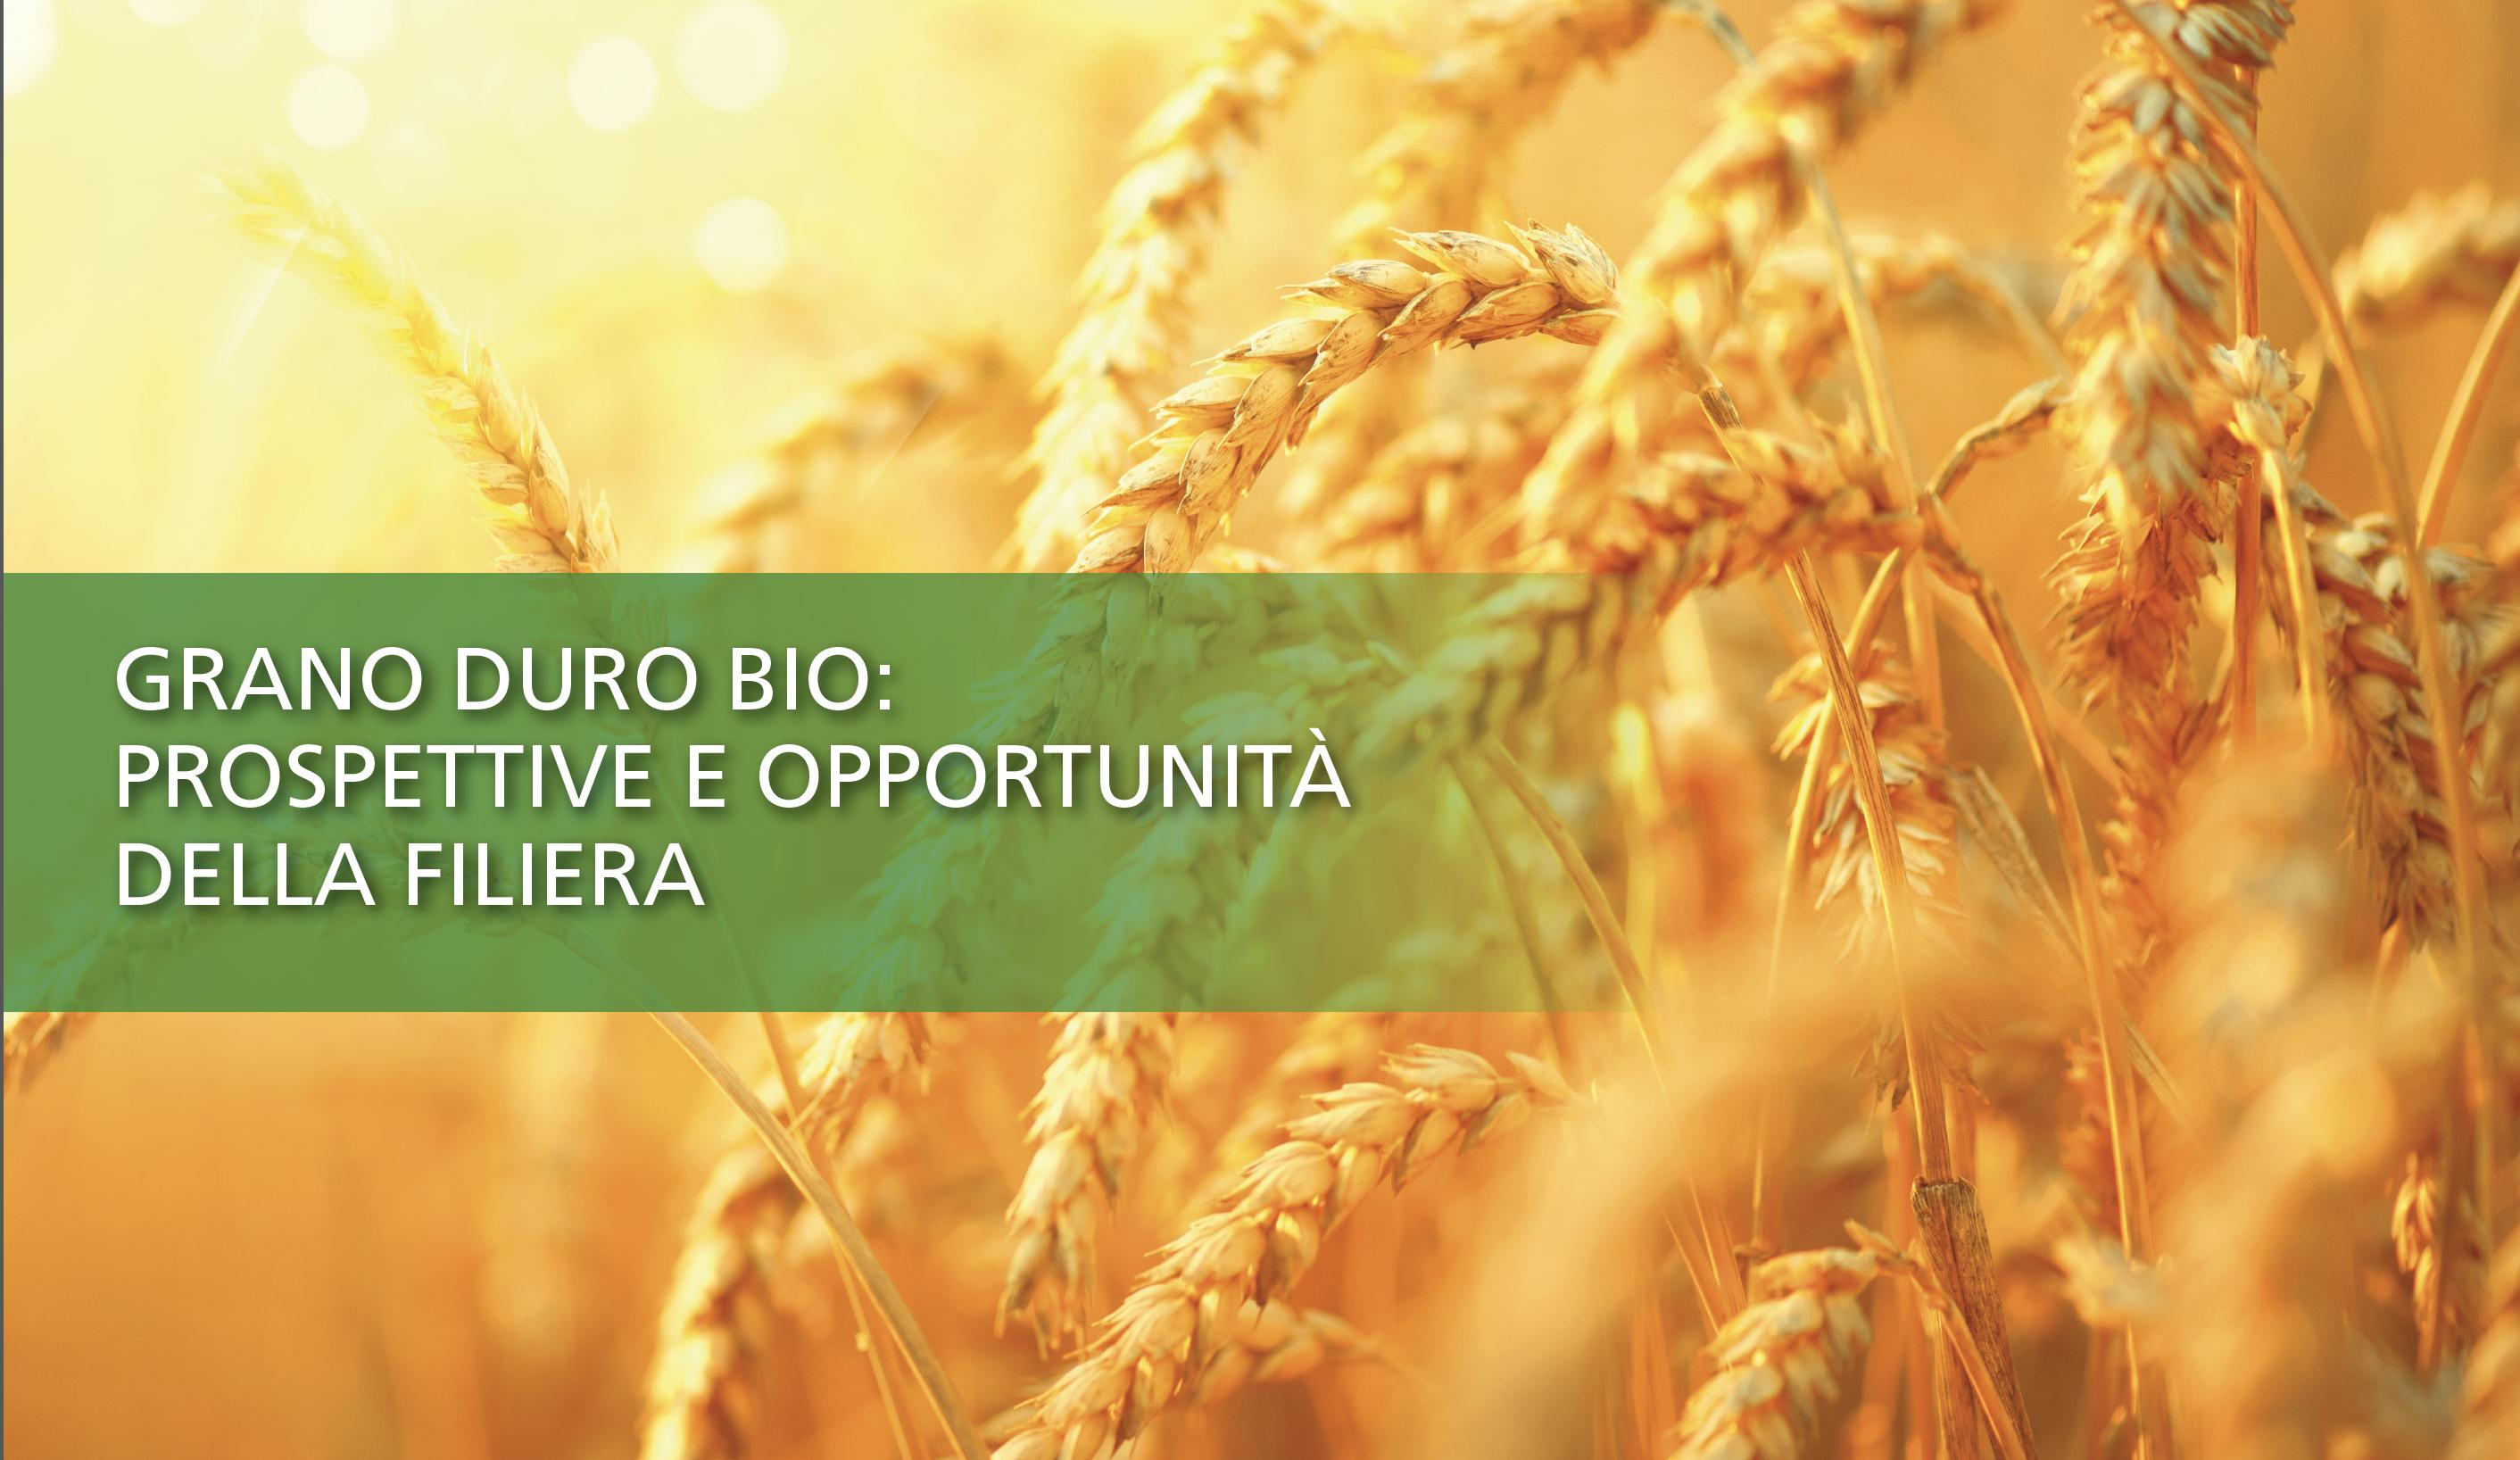 Grano duro bio: prospettive e opportunità della filiera